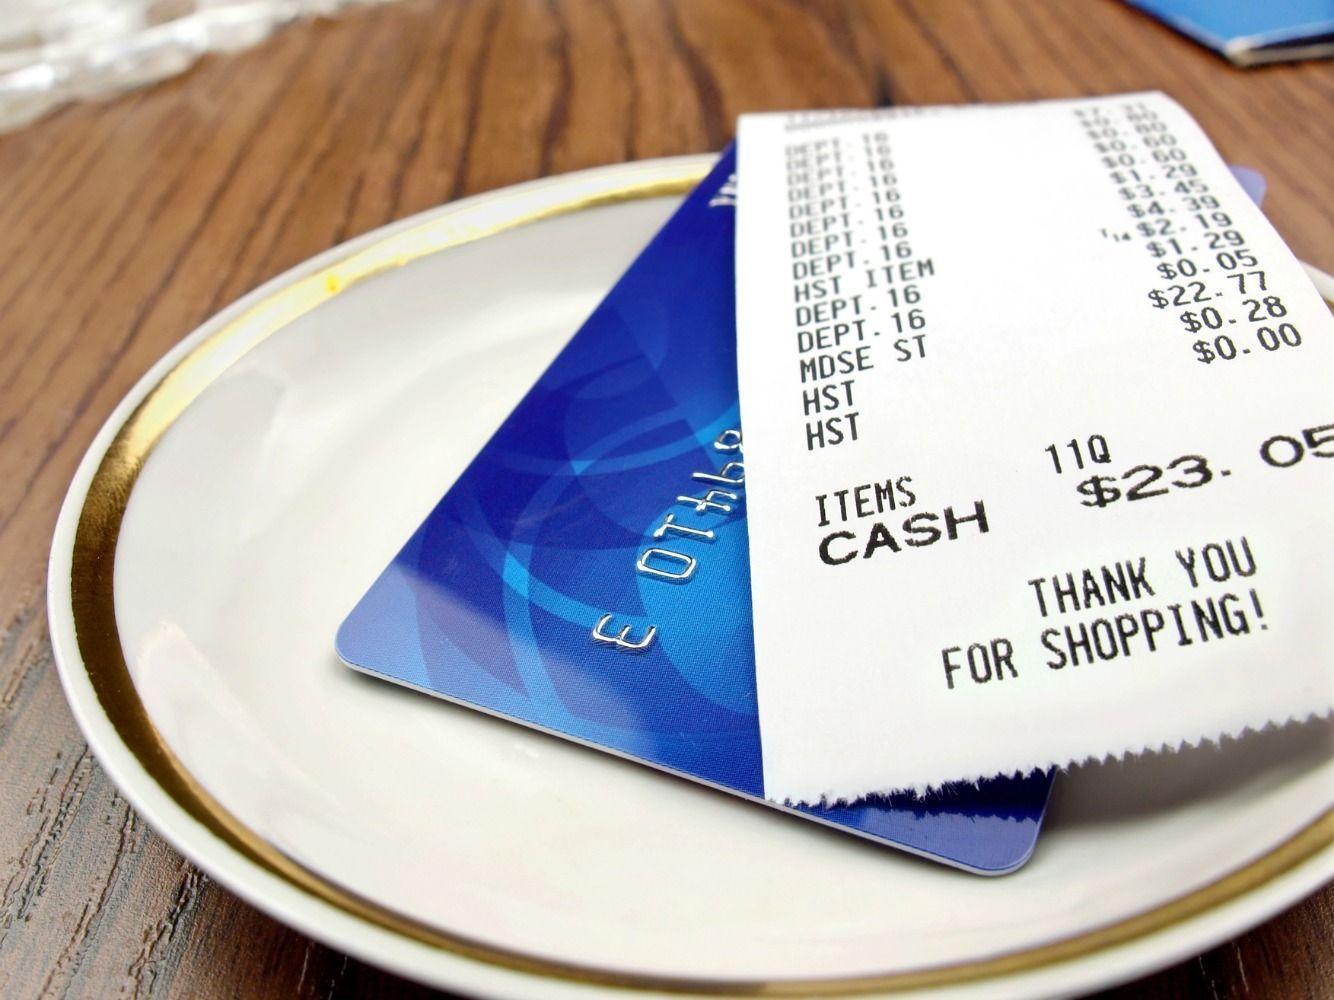 経費払いの人必見!クレジットカード払いの領収書はどうする?